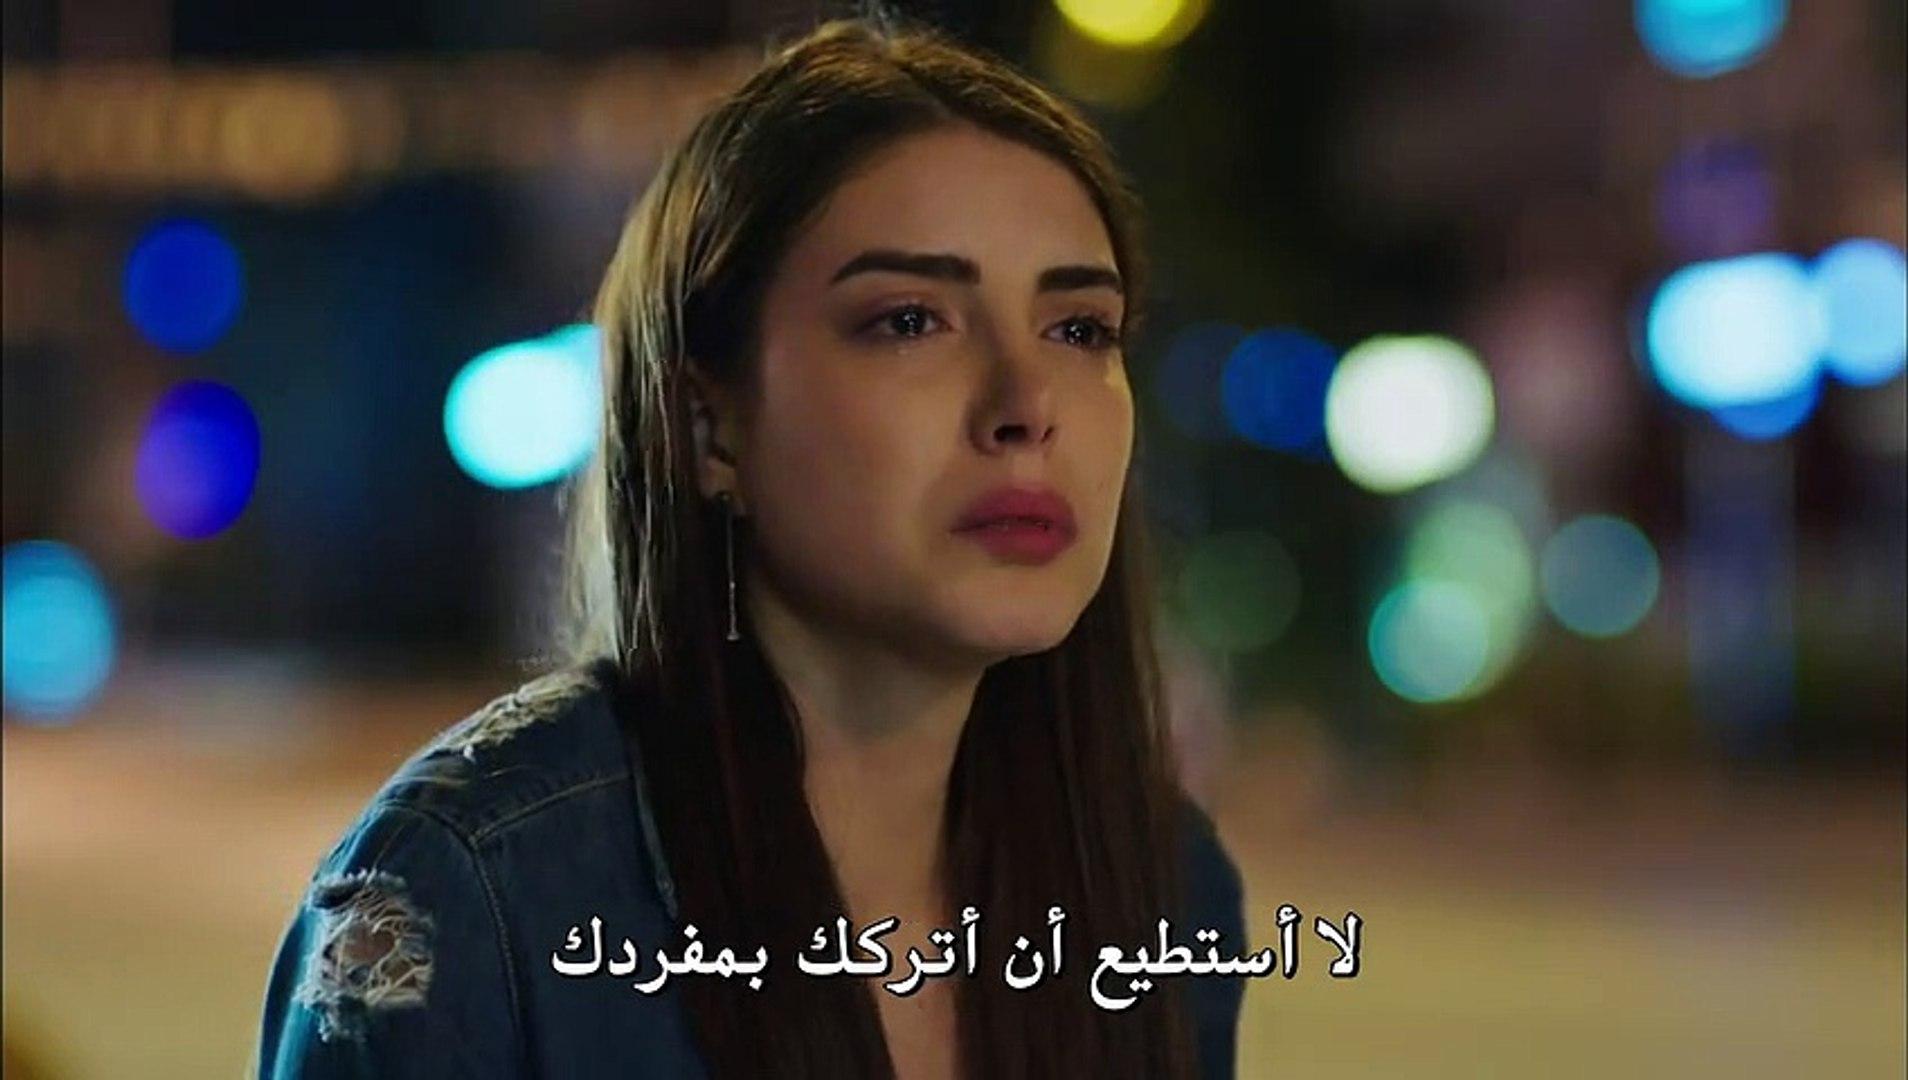 مسلسل زهرة الثالوث مترجم للعربية - الحلقة 37 - الجزء 1